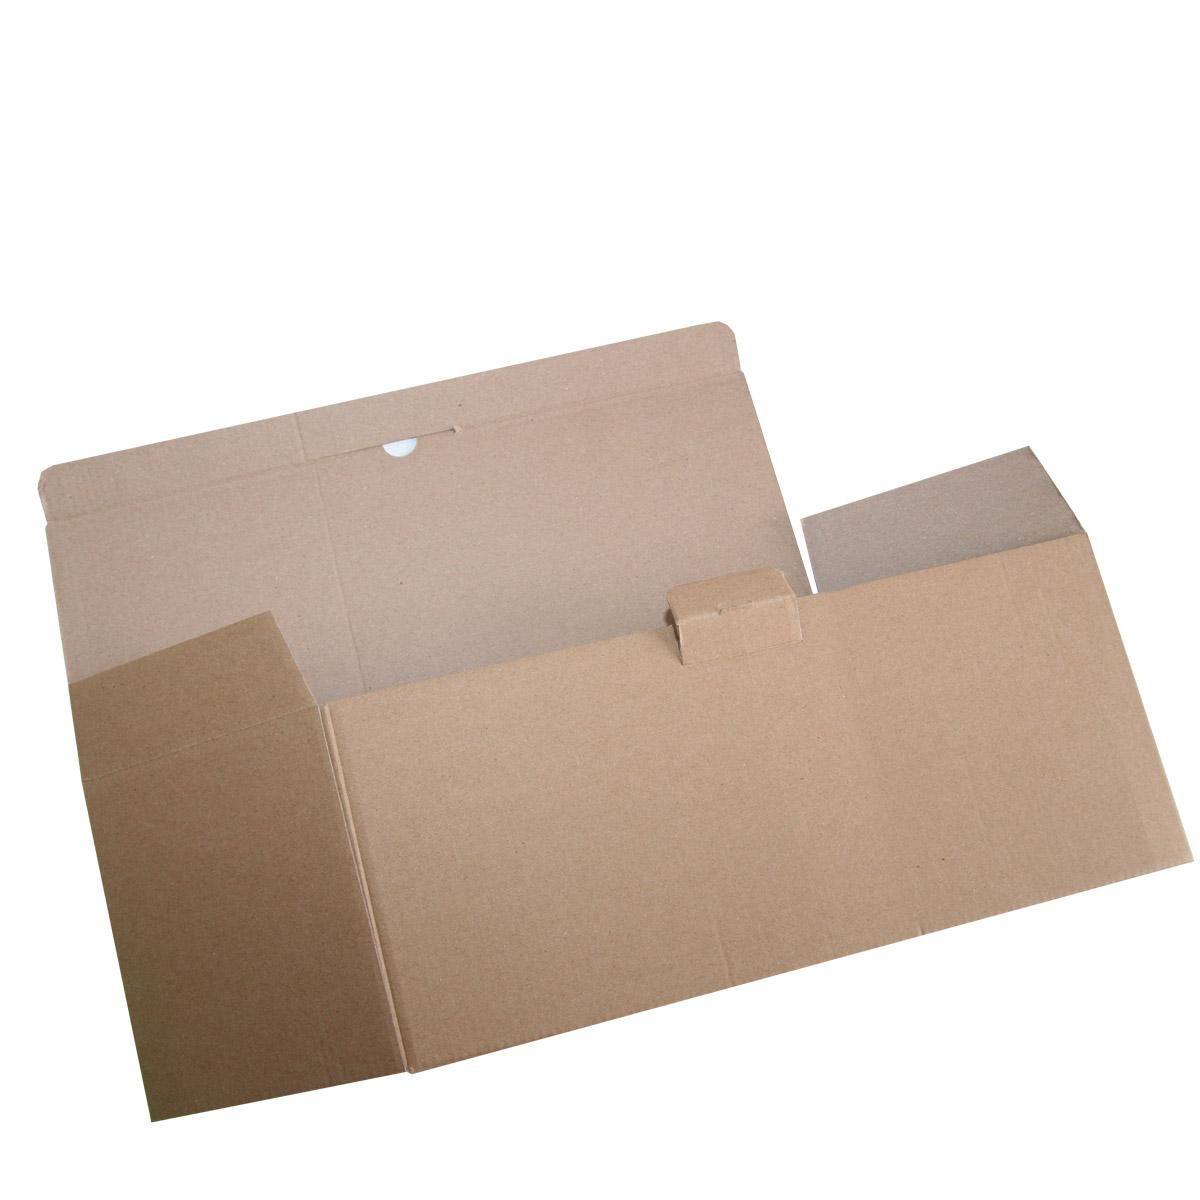 Pudełko ekologiczne na kasety do drukarek laserowych